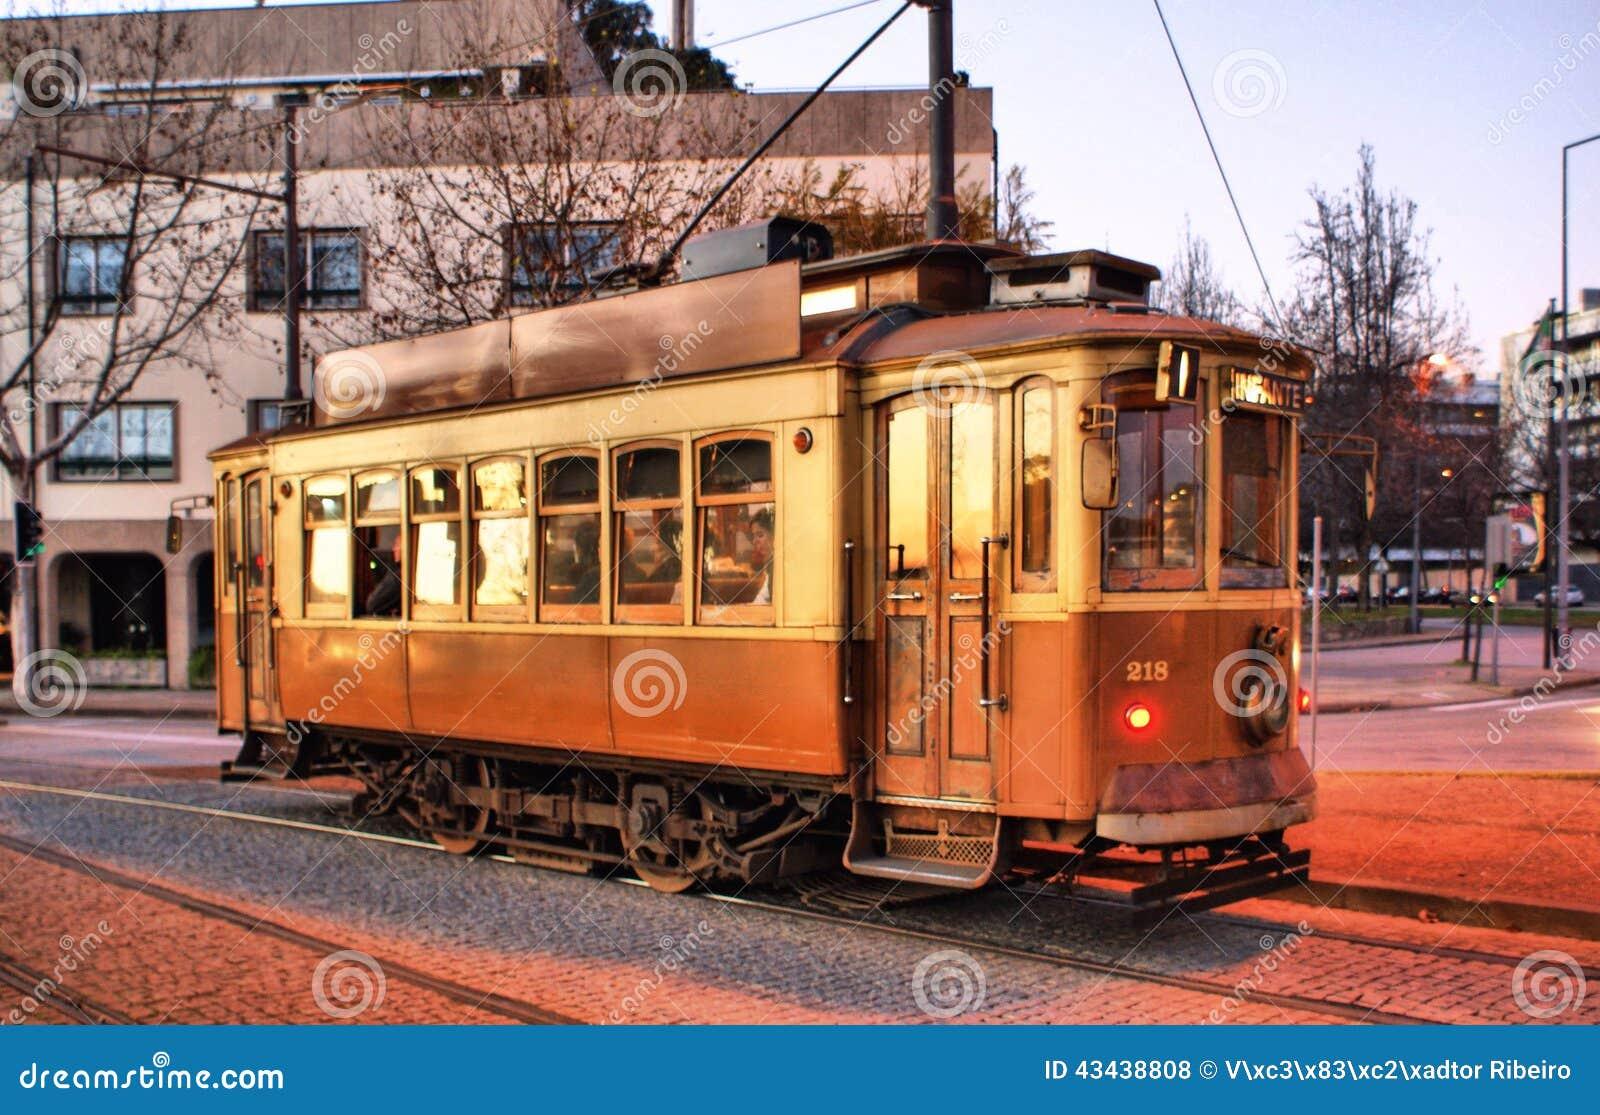 典型的电车在波尔图